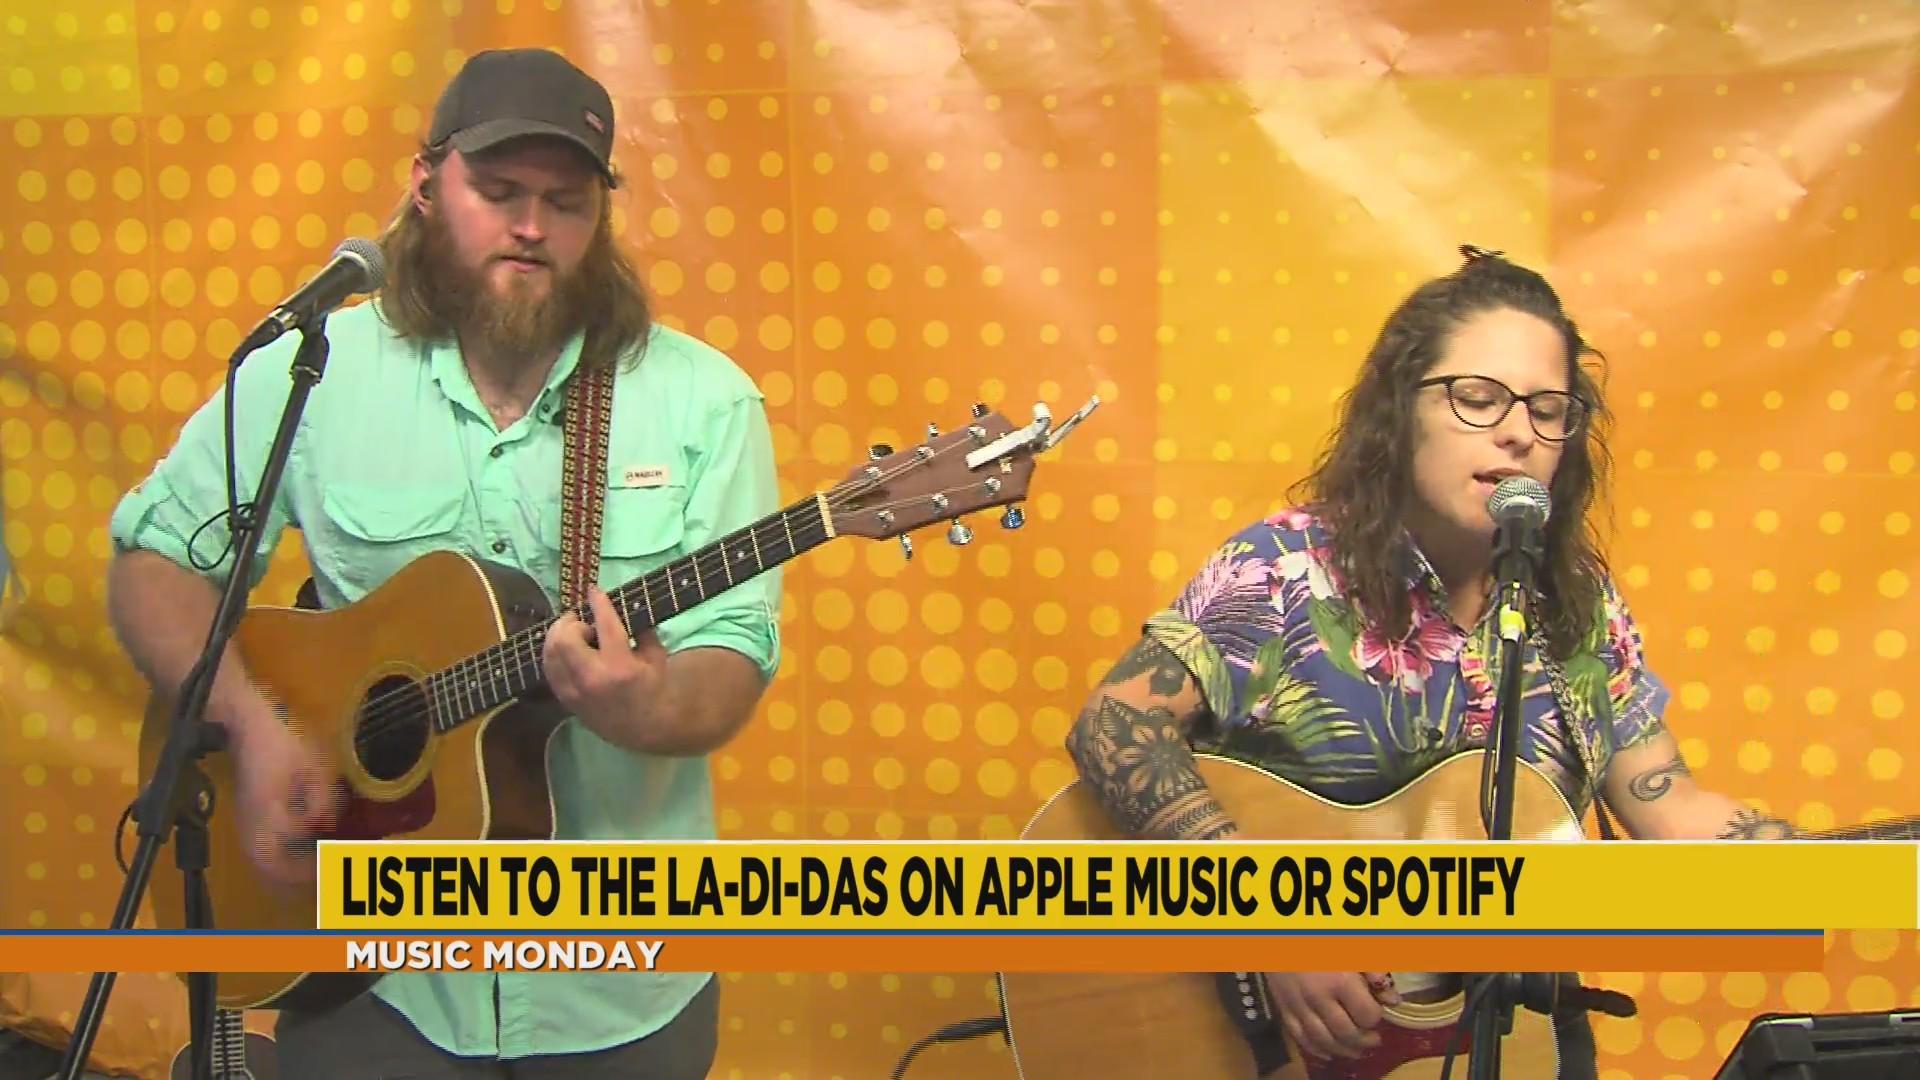 Music Mondays: The La-Di-Das